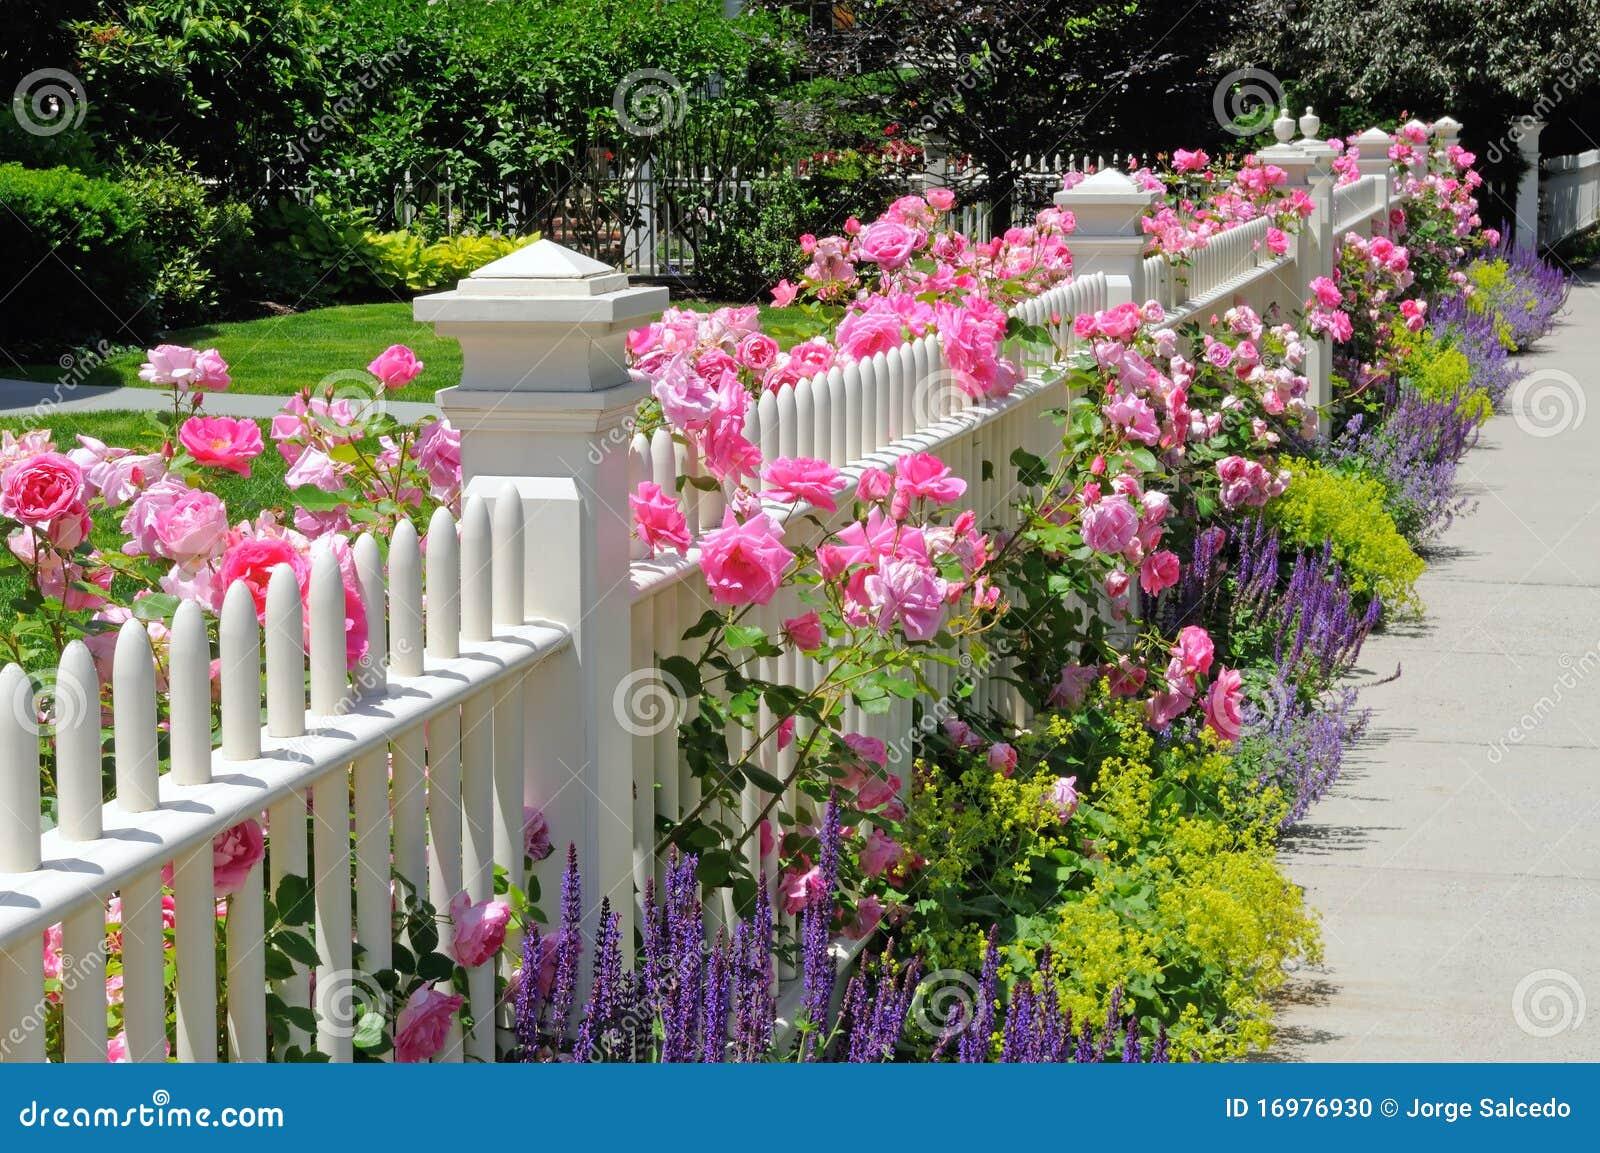 cerca para jardim branca : cerca para jardim branca:Cerca Do Jardim Com Rosas Cor-de-rosa Foto de Stock – Imagem: 16976930